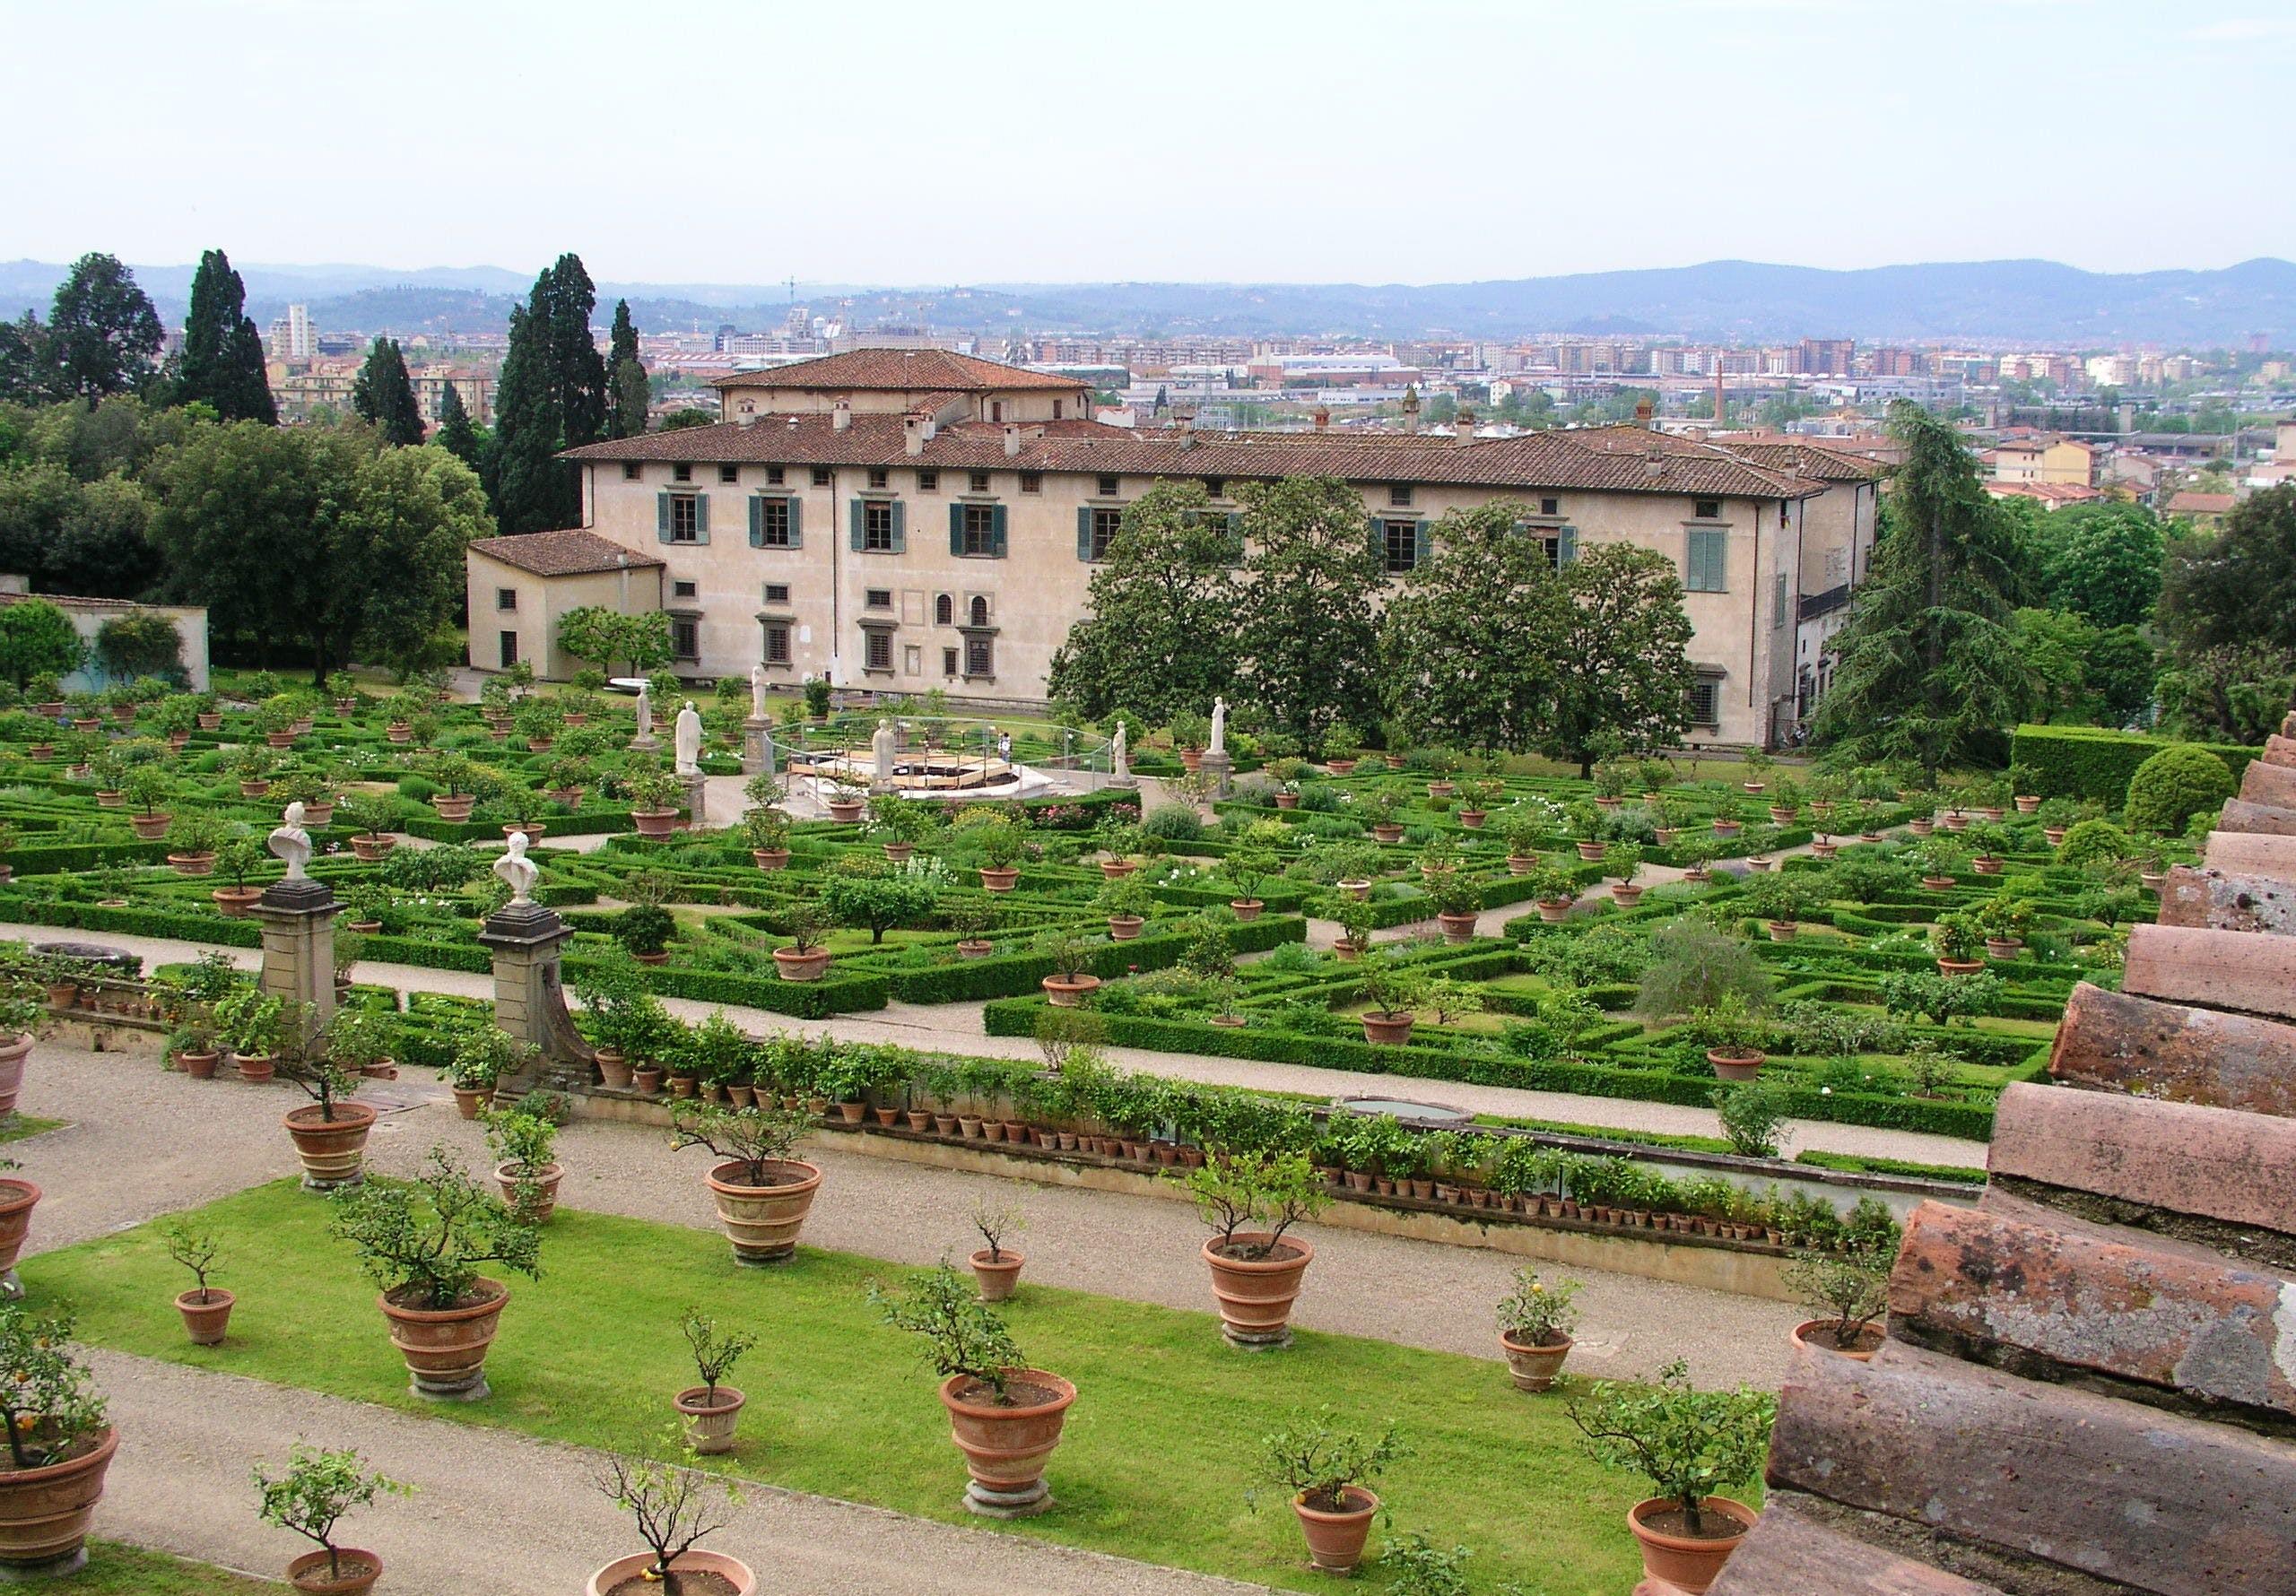 Giardino della Villa di Castello, Firenze